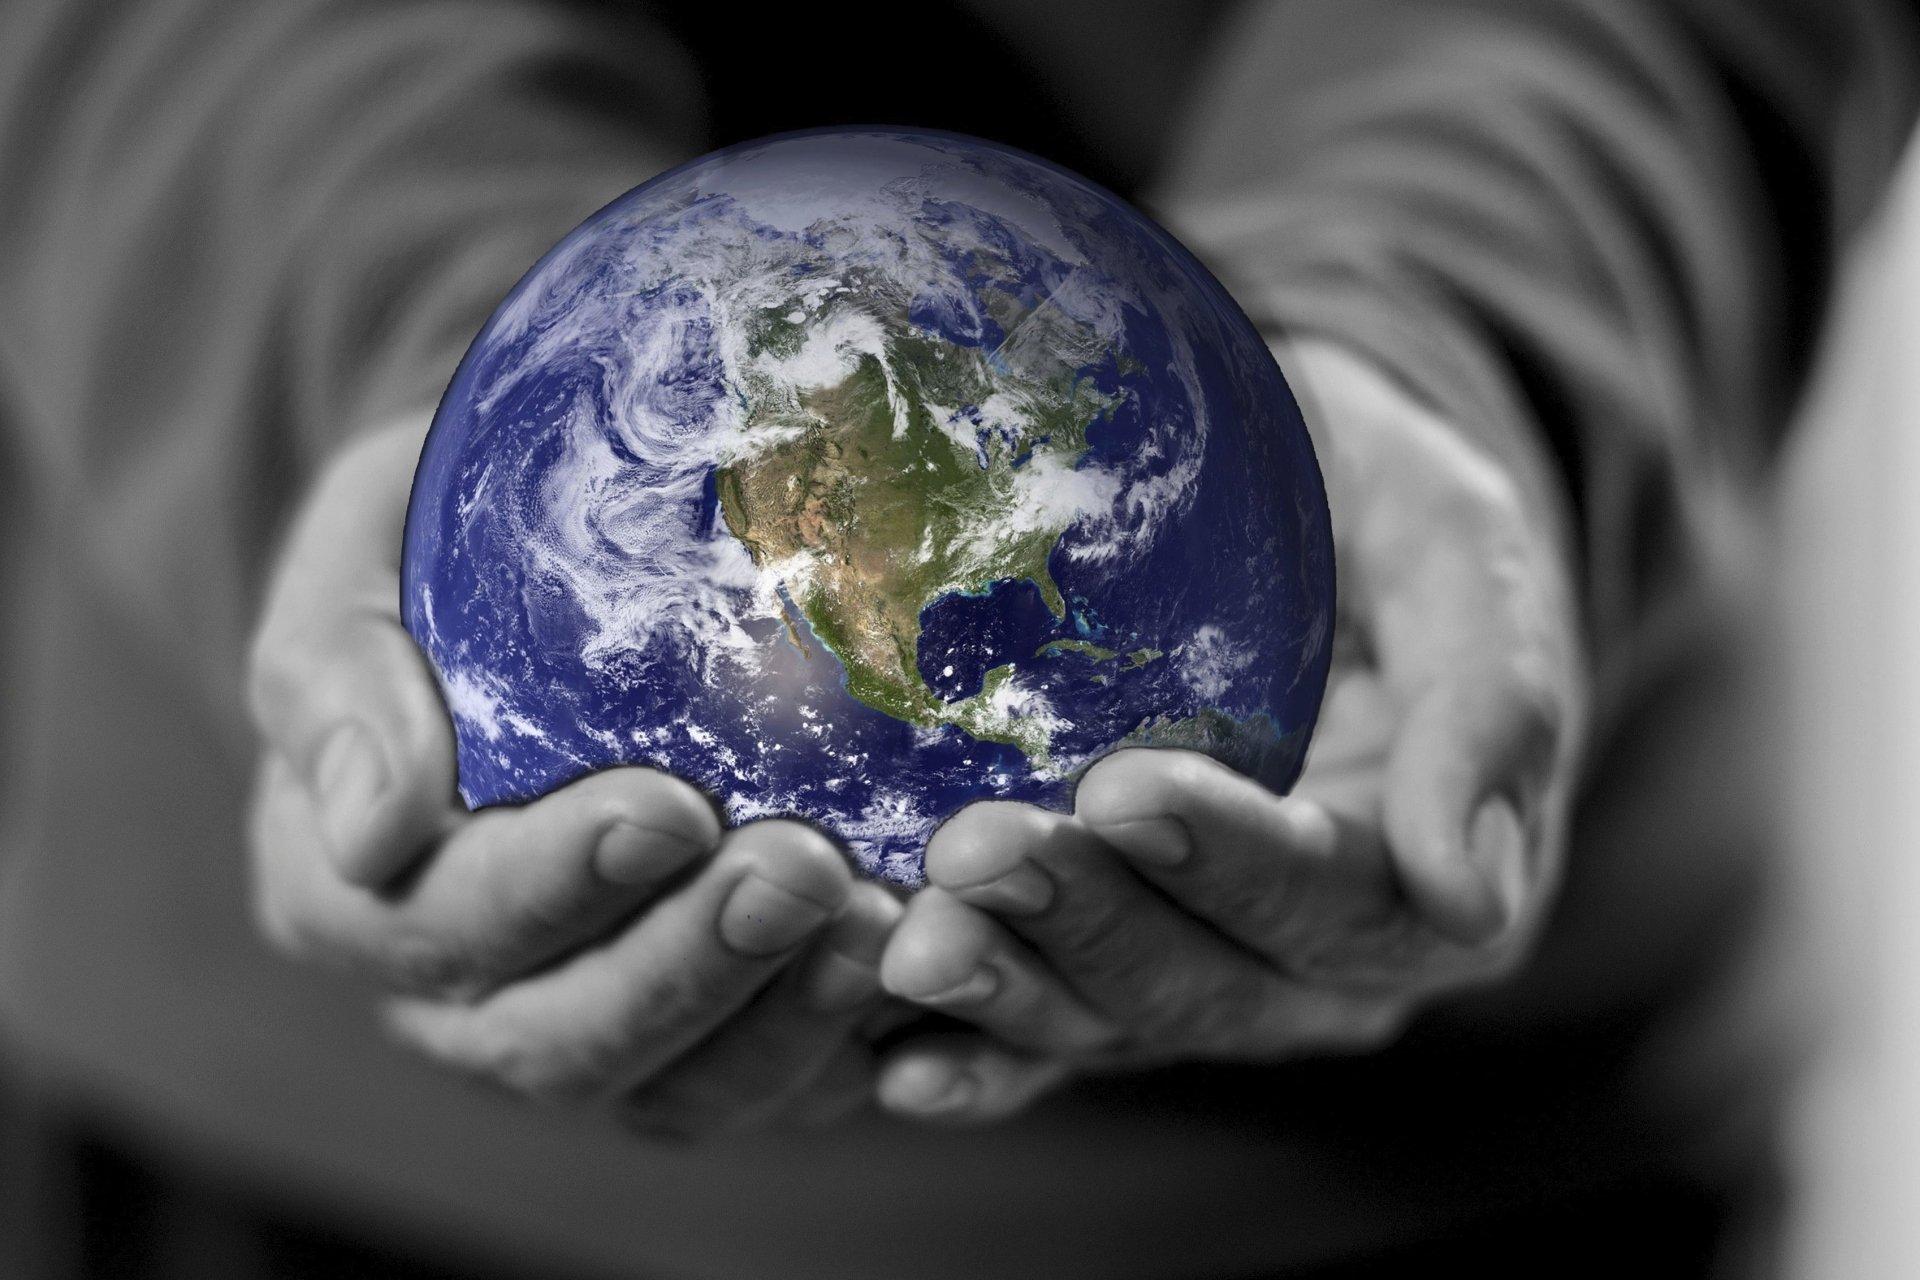 节日 - 世界地球日  壁纸